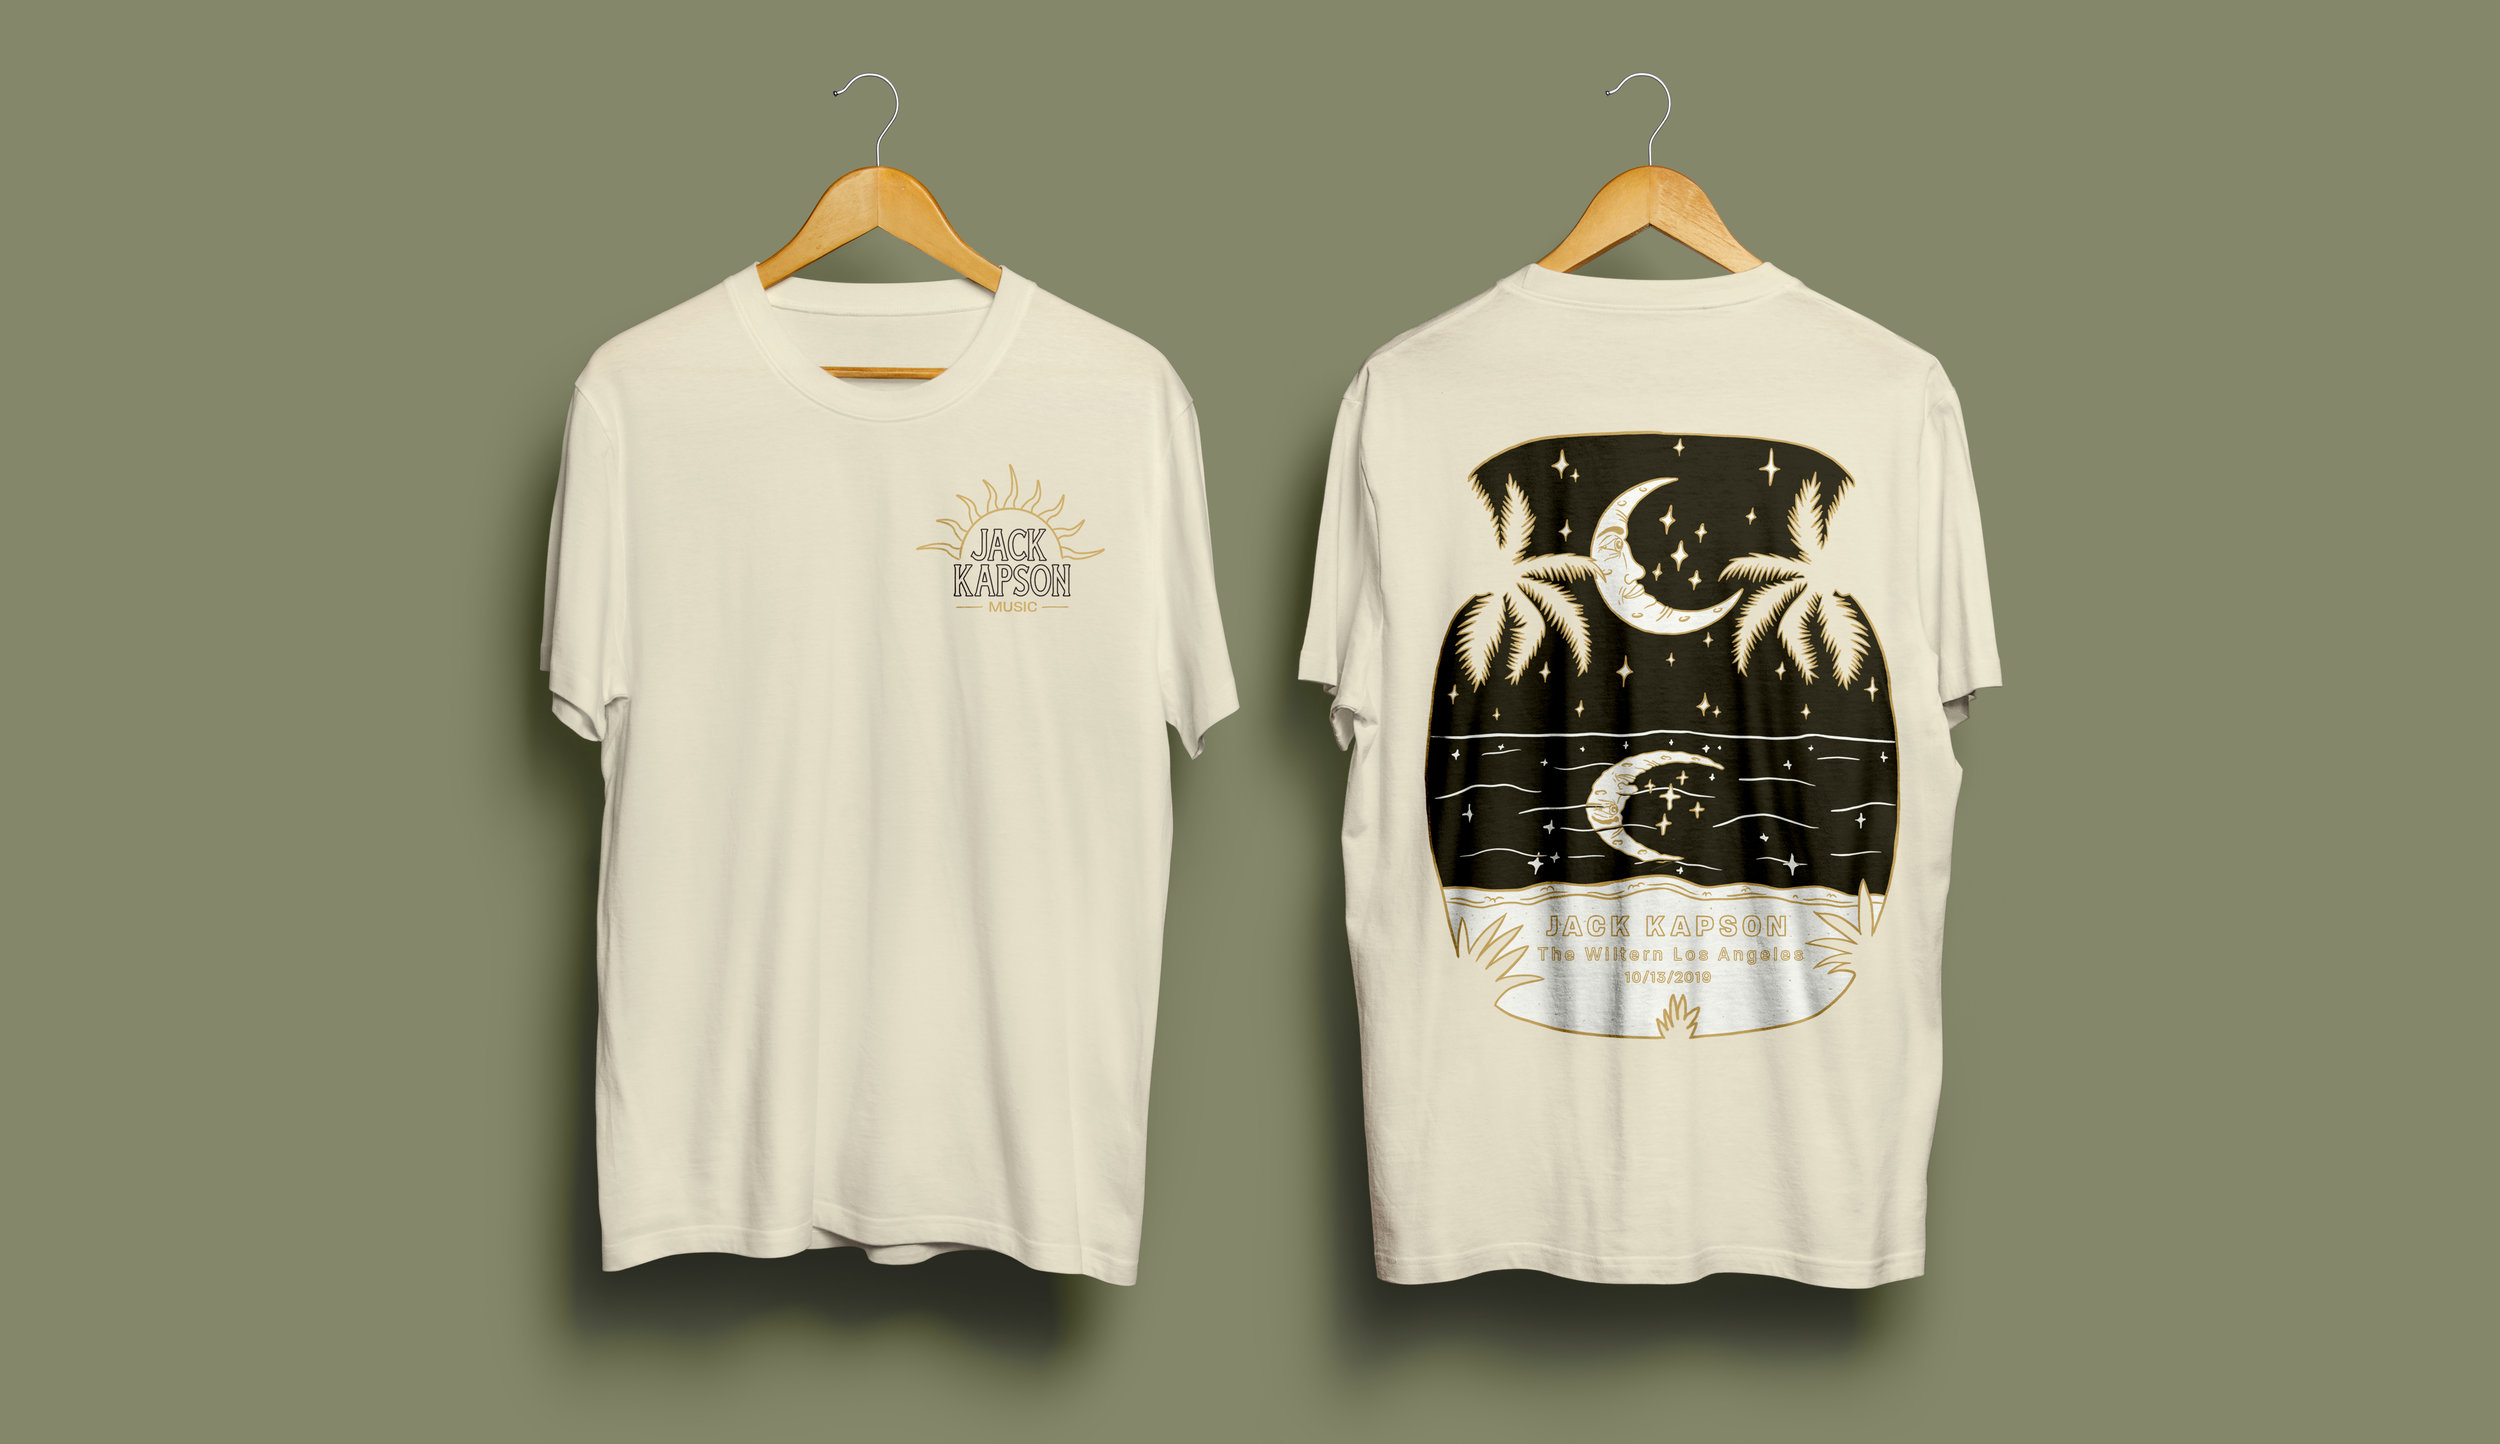 JackKapson_T-Shirt Mock-Up_Night&Day_Long.jpg